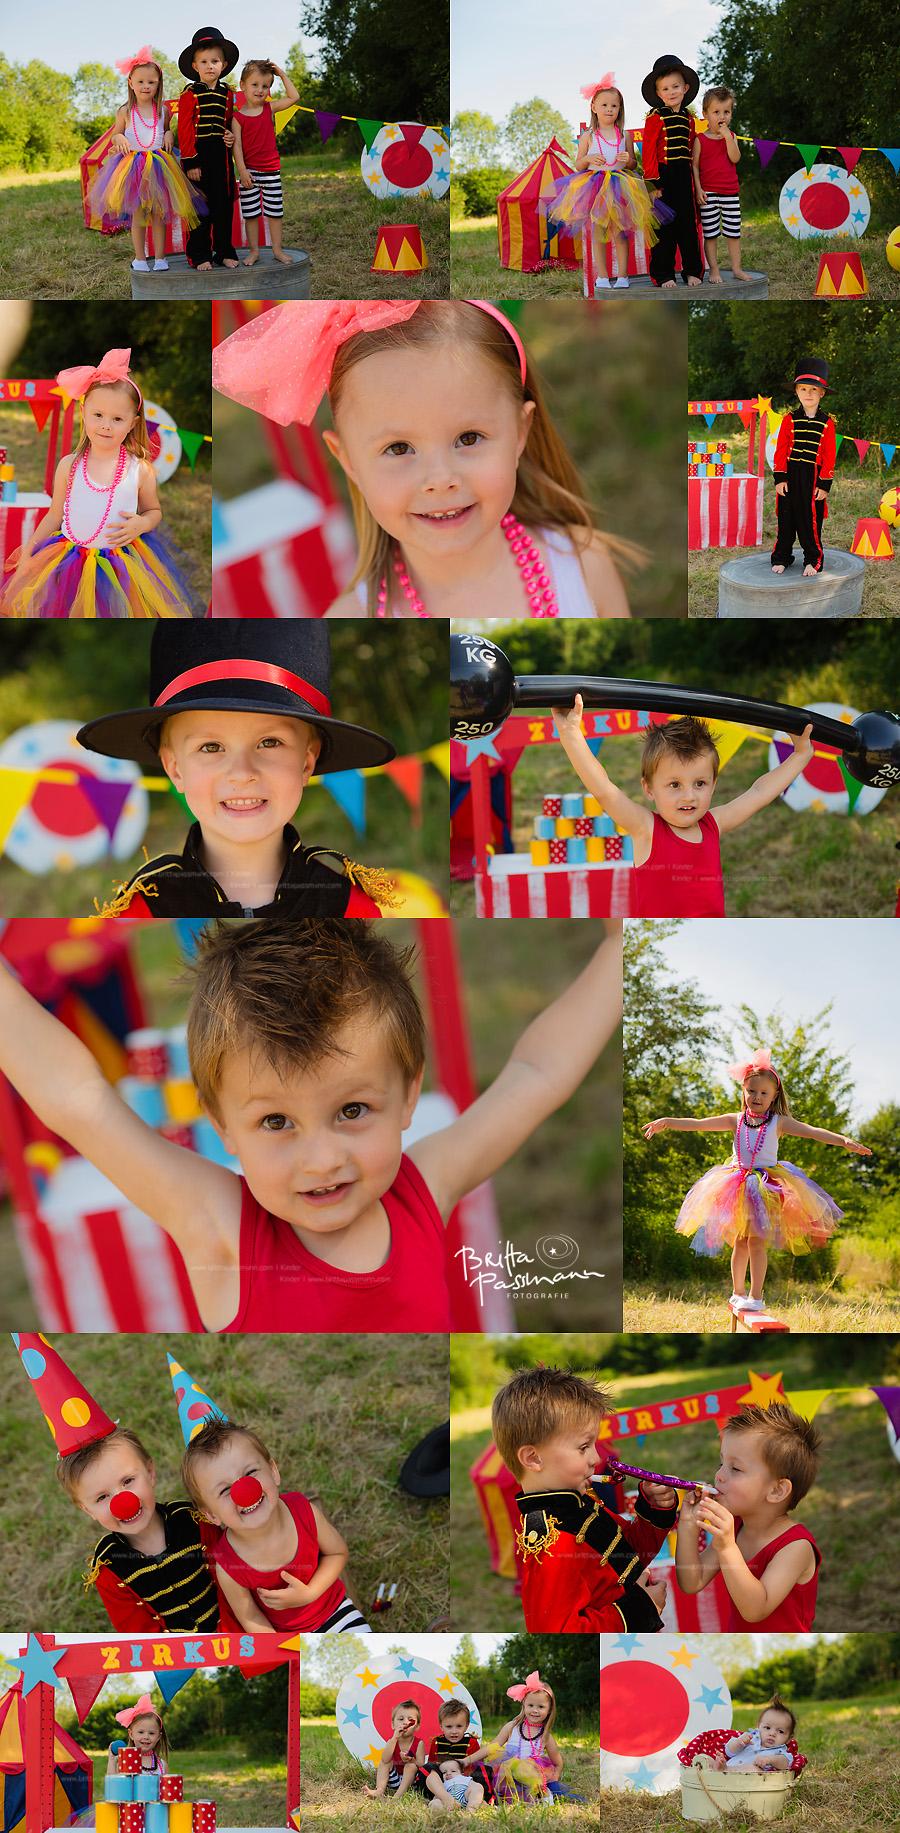 Artisten_Ballerinas_Fotoshooting_Zirkus_Circus_Kinderfotos